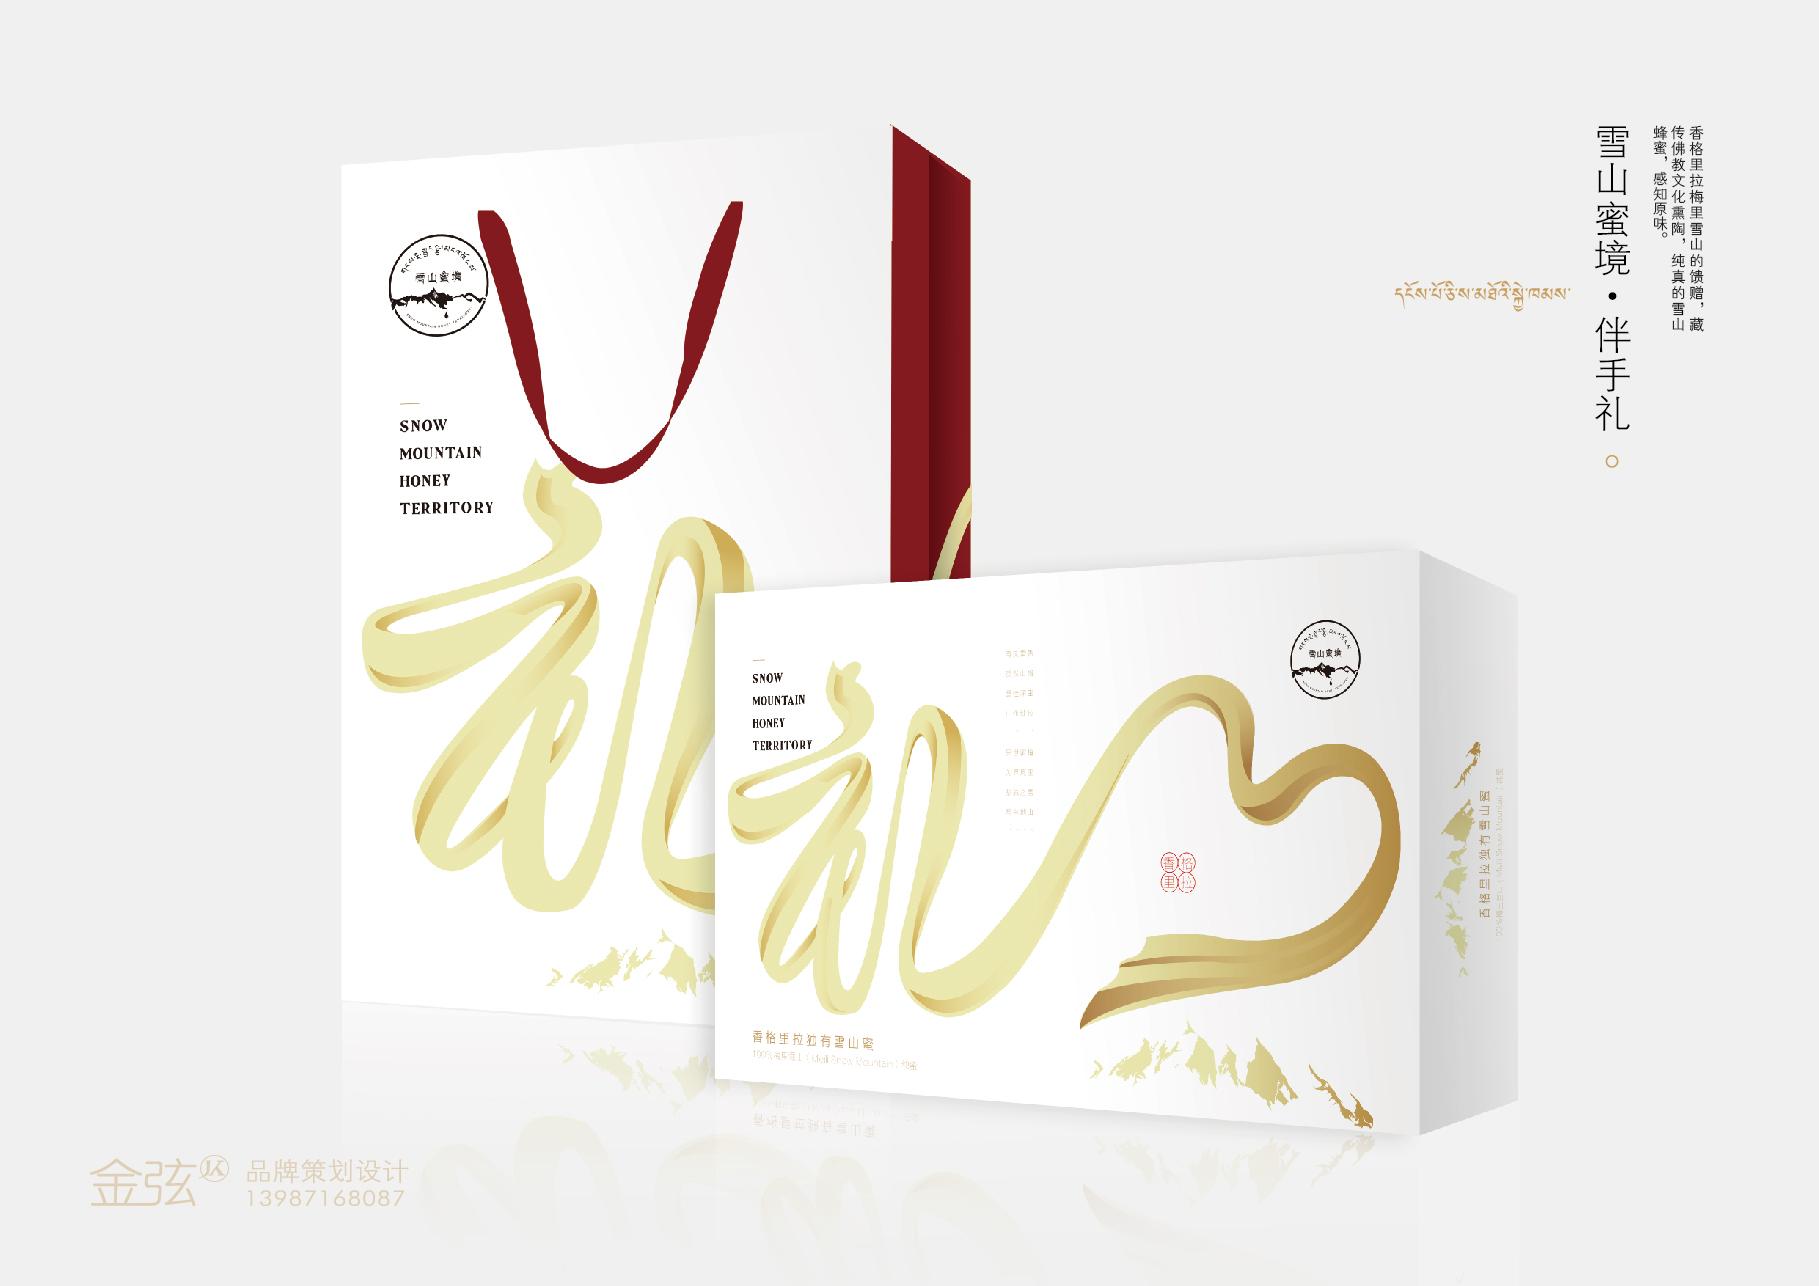 品吉 雪山蜜境伴手礼包装展示 包装设计 客户资料  第6张